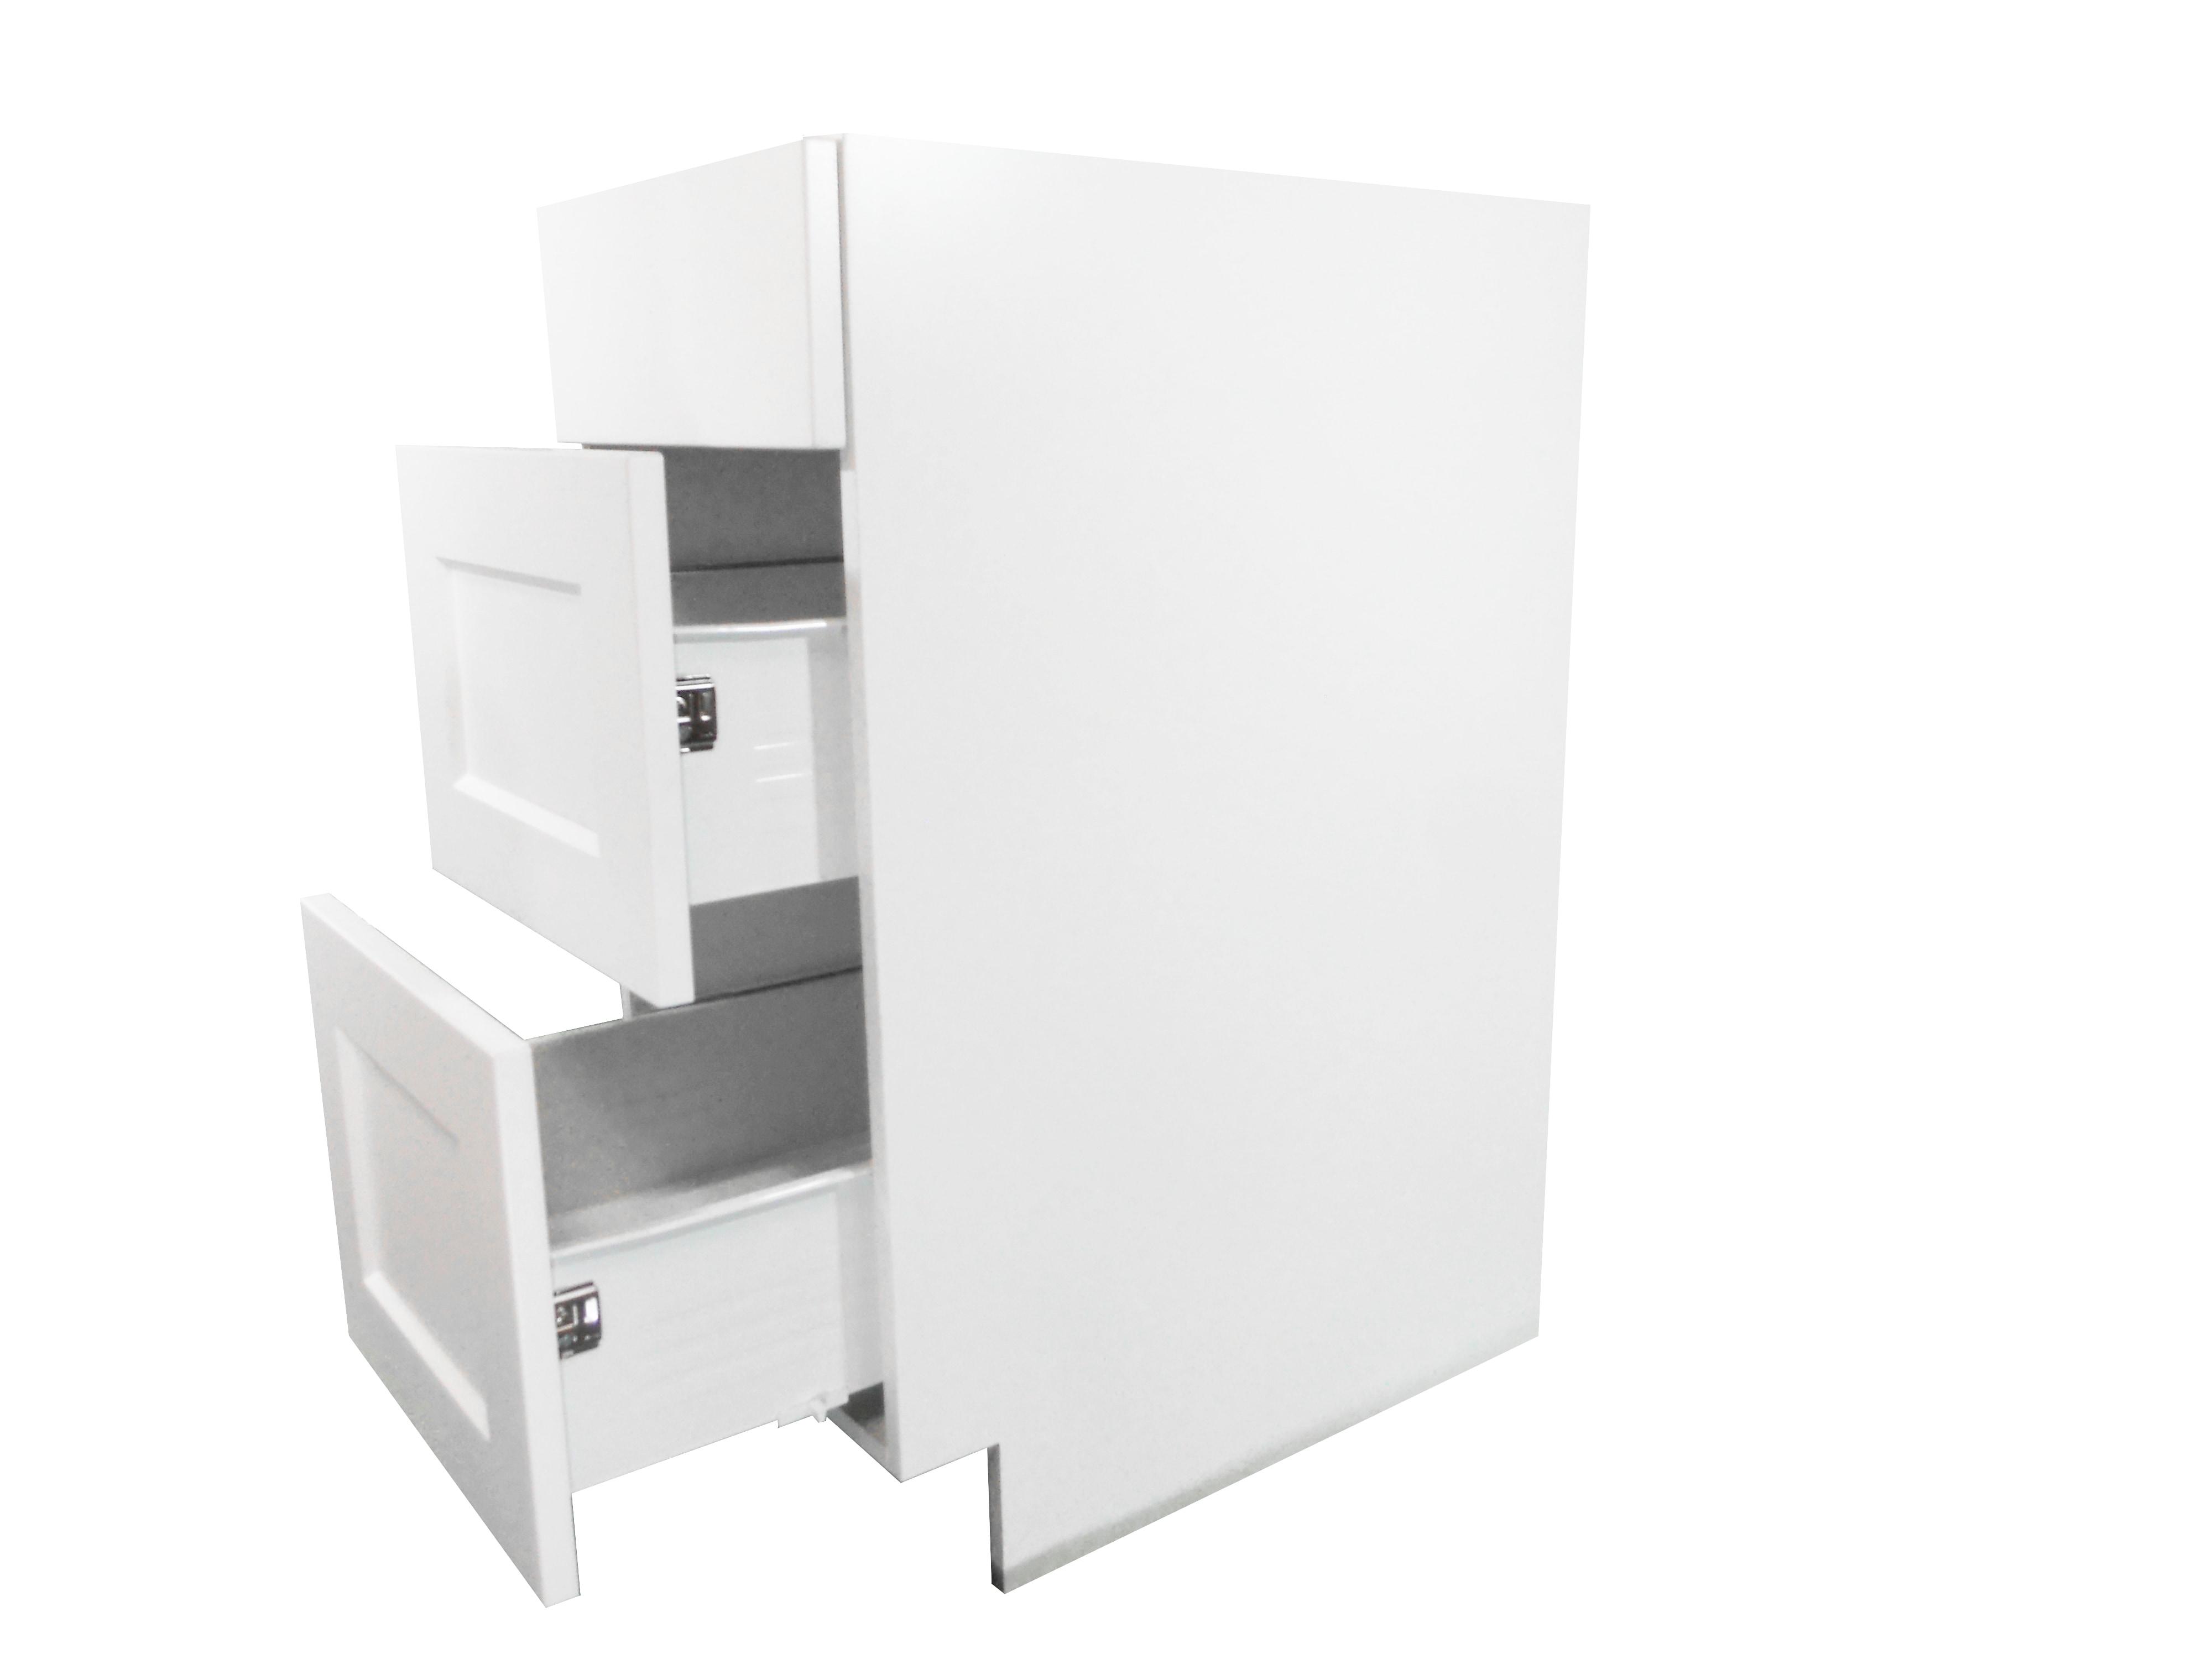 Base Cabinet 3 Drawer Bank / Wistler White / Flat Panel White / 18 Whistler White 0